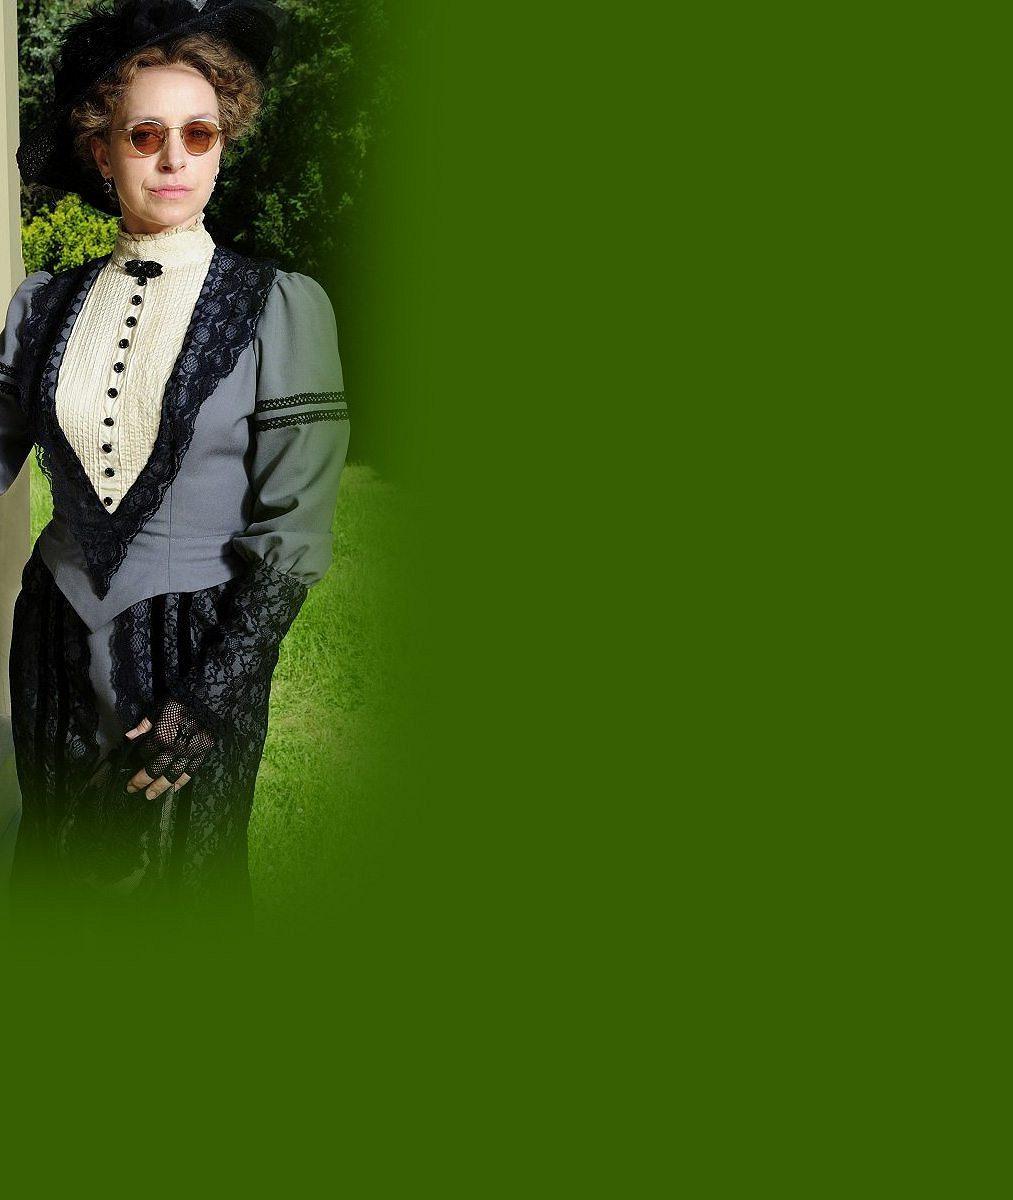 Vilhelmová v seriálu zestárla a ukázala vrásky: Podívejte se, jak vypadá coby ženuška známého obchodníka z 19. století